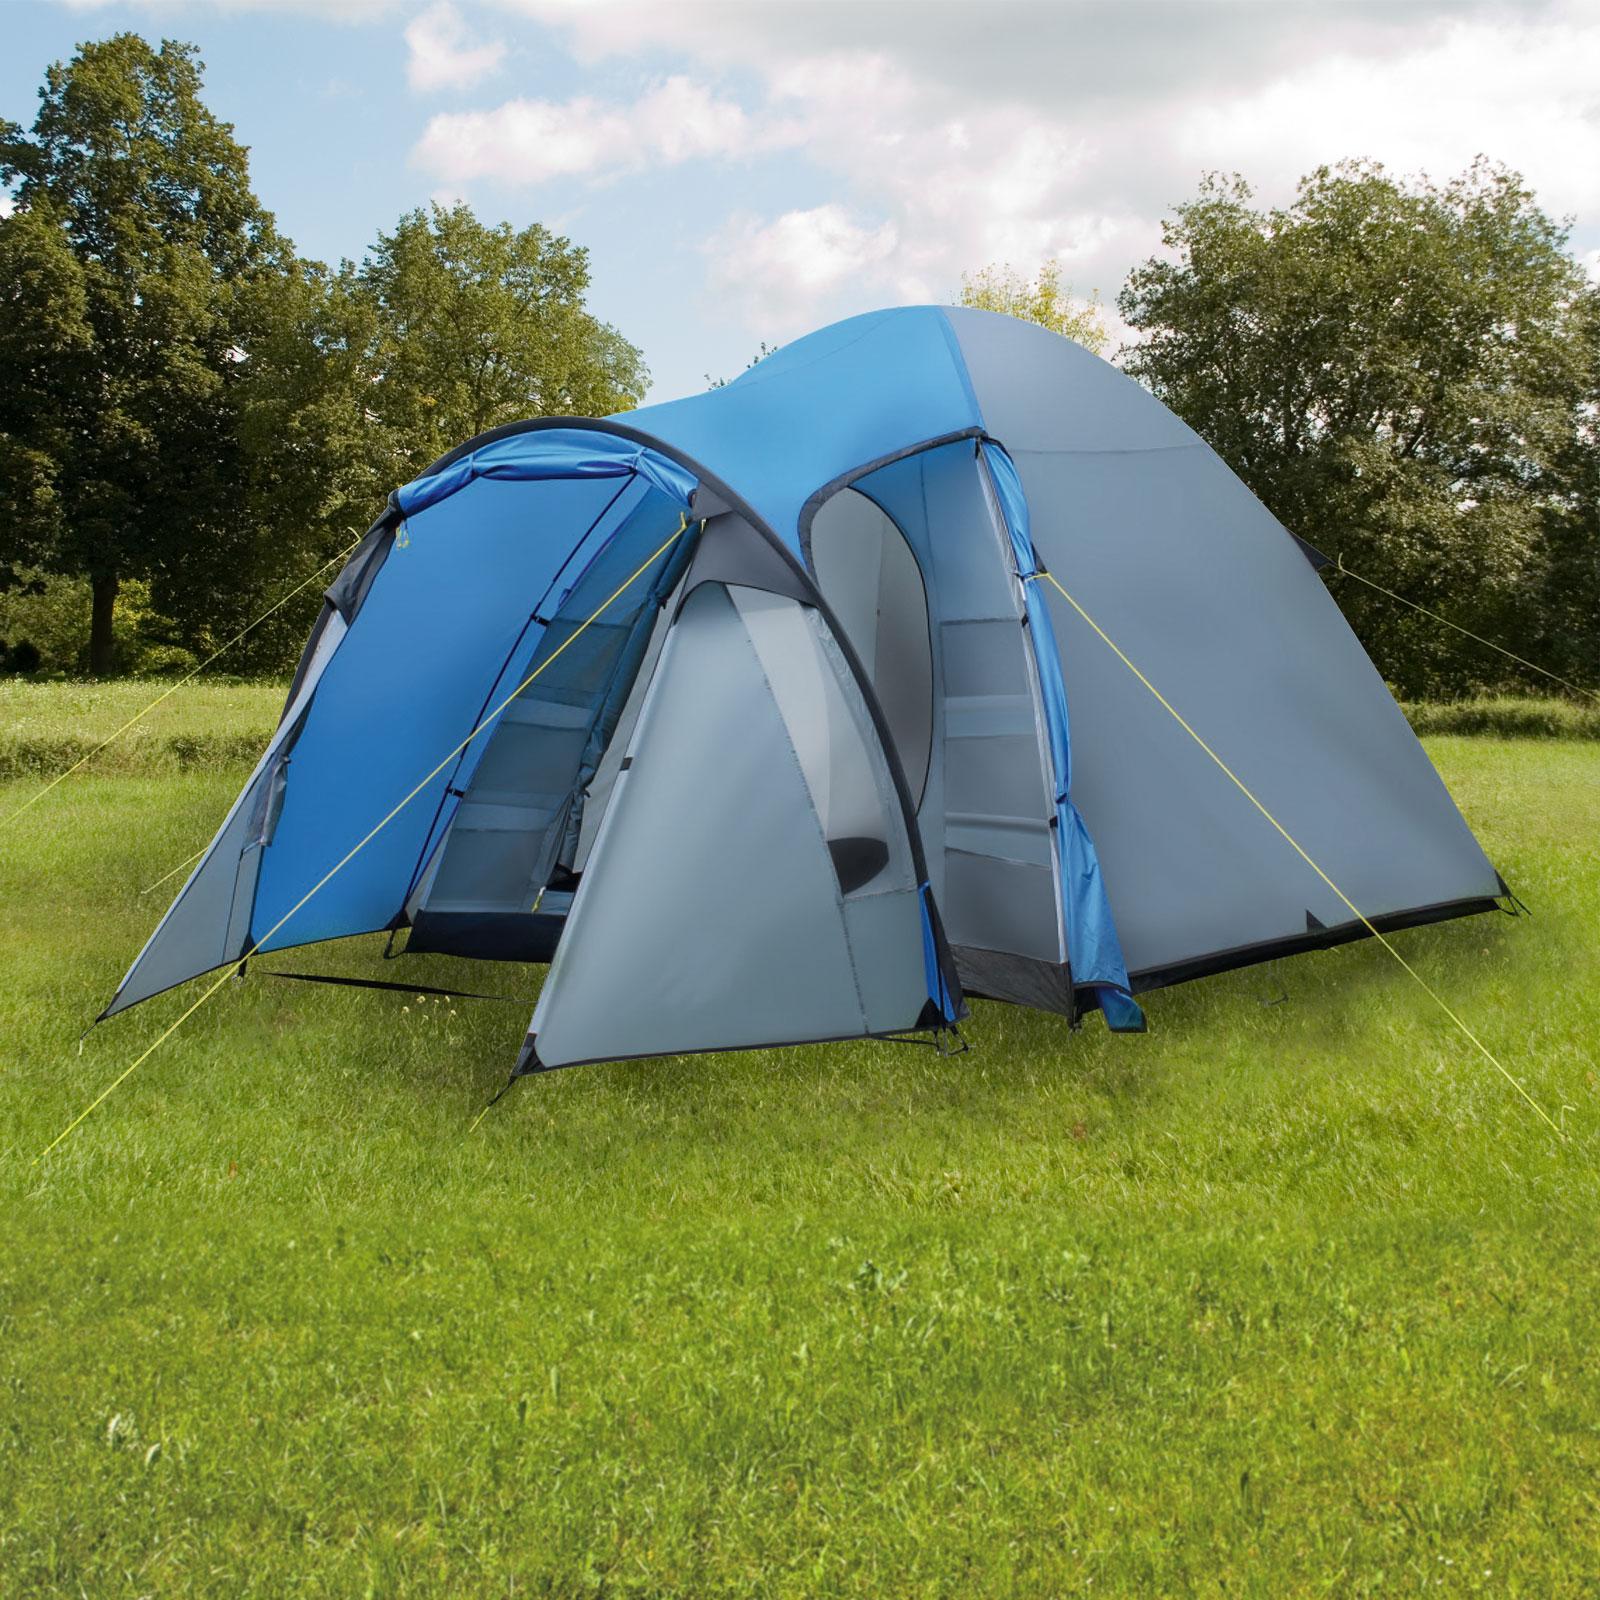 5 Personen Kuppel Zelt Beaver Creek 5 Vorraum Schlafkabine 2 Fenster